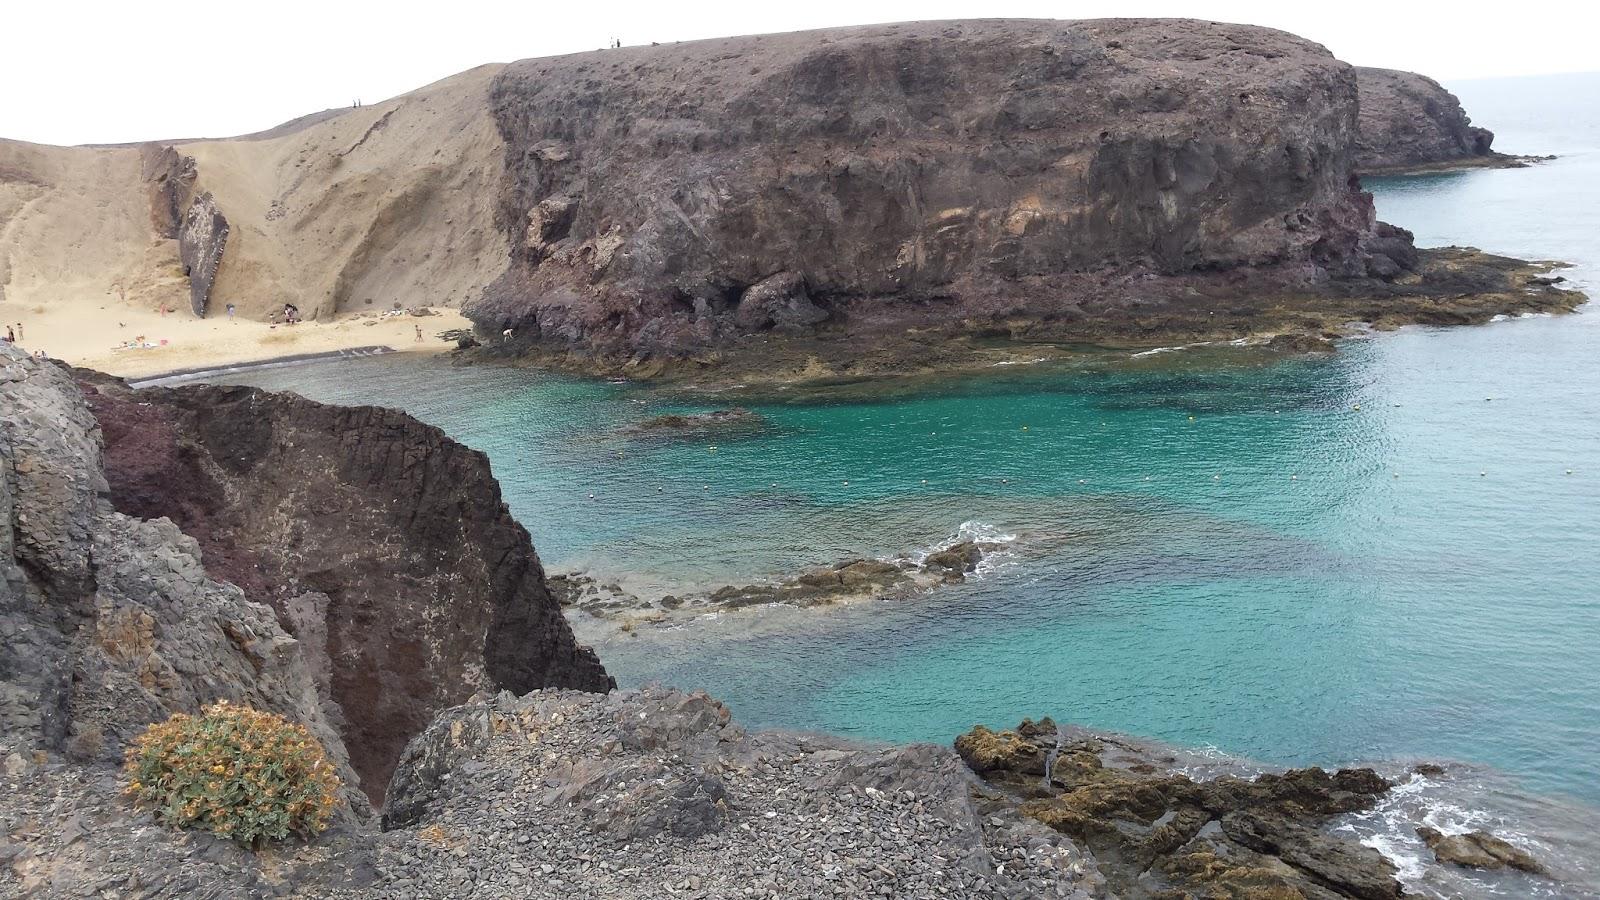 Playa del Papagayo, Lanzarote, Wyspy Kanaryjskie, Hiszpania, gdzie pojechać na Lanzaote, Kanary